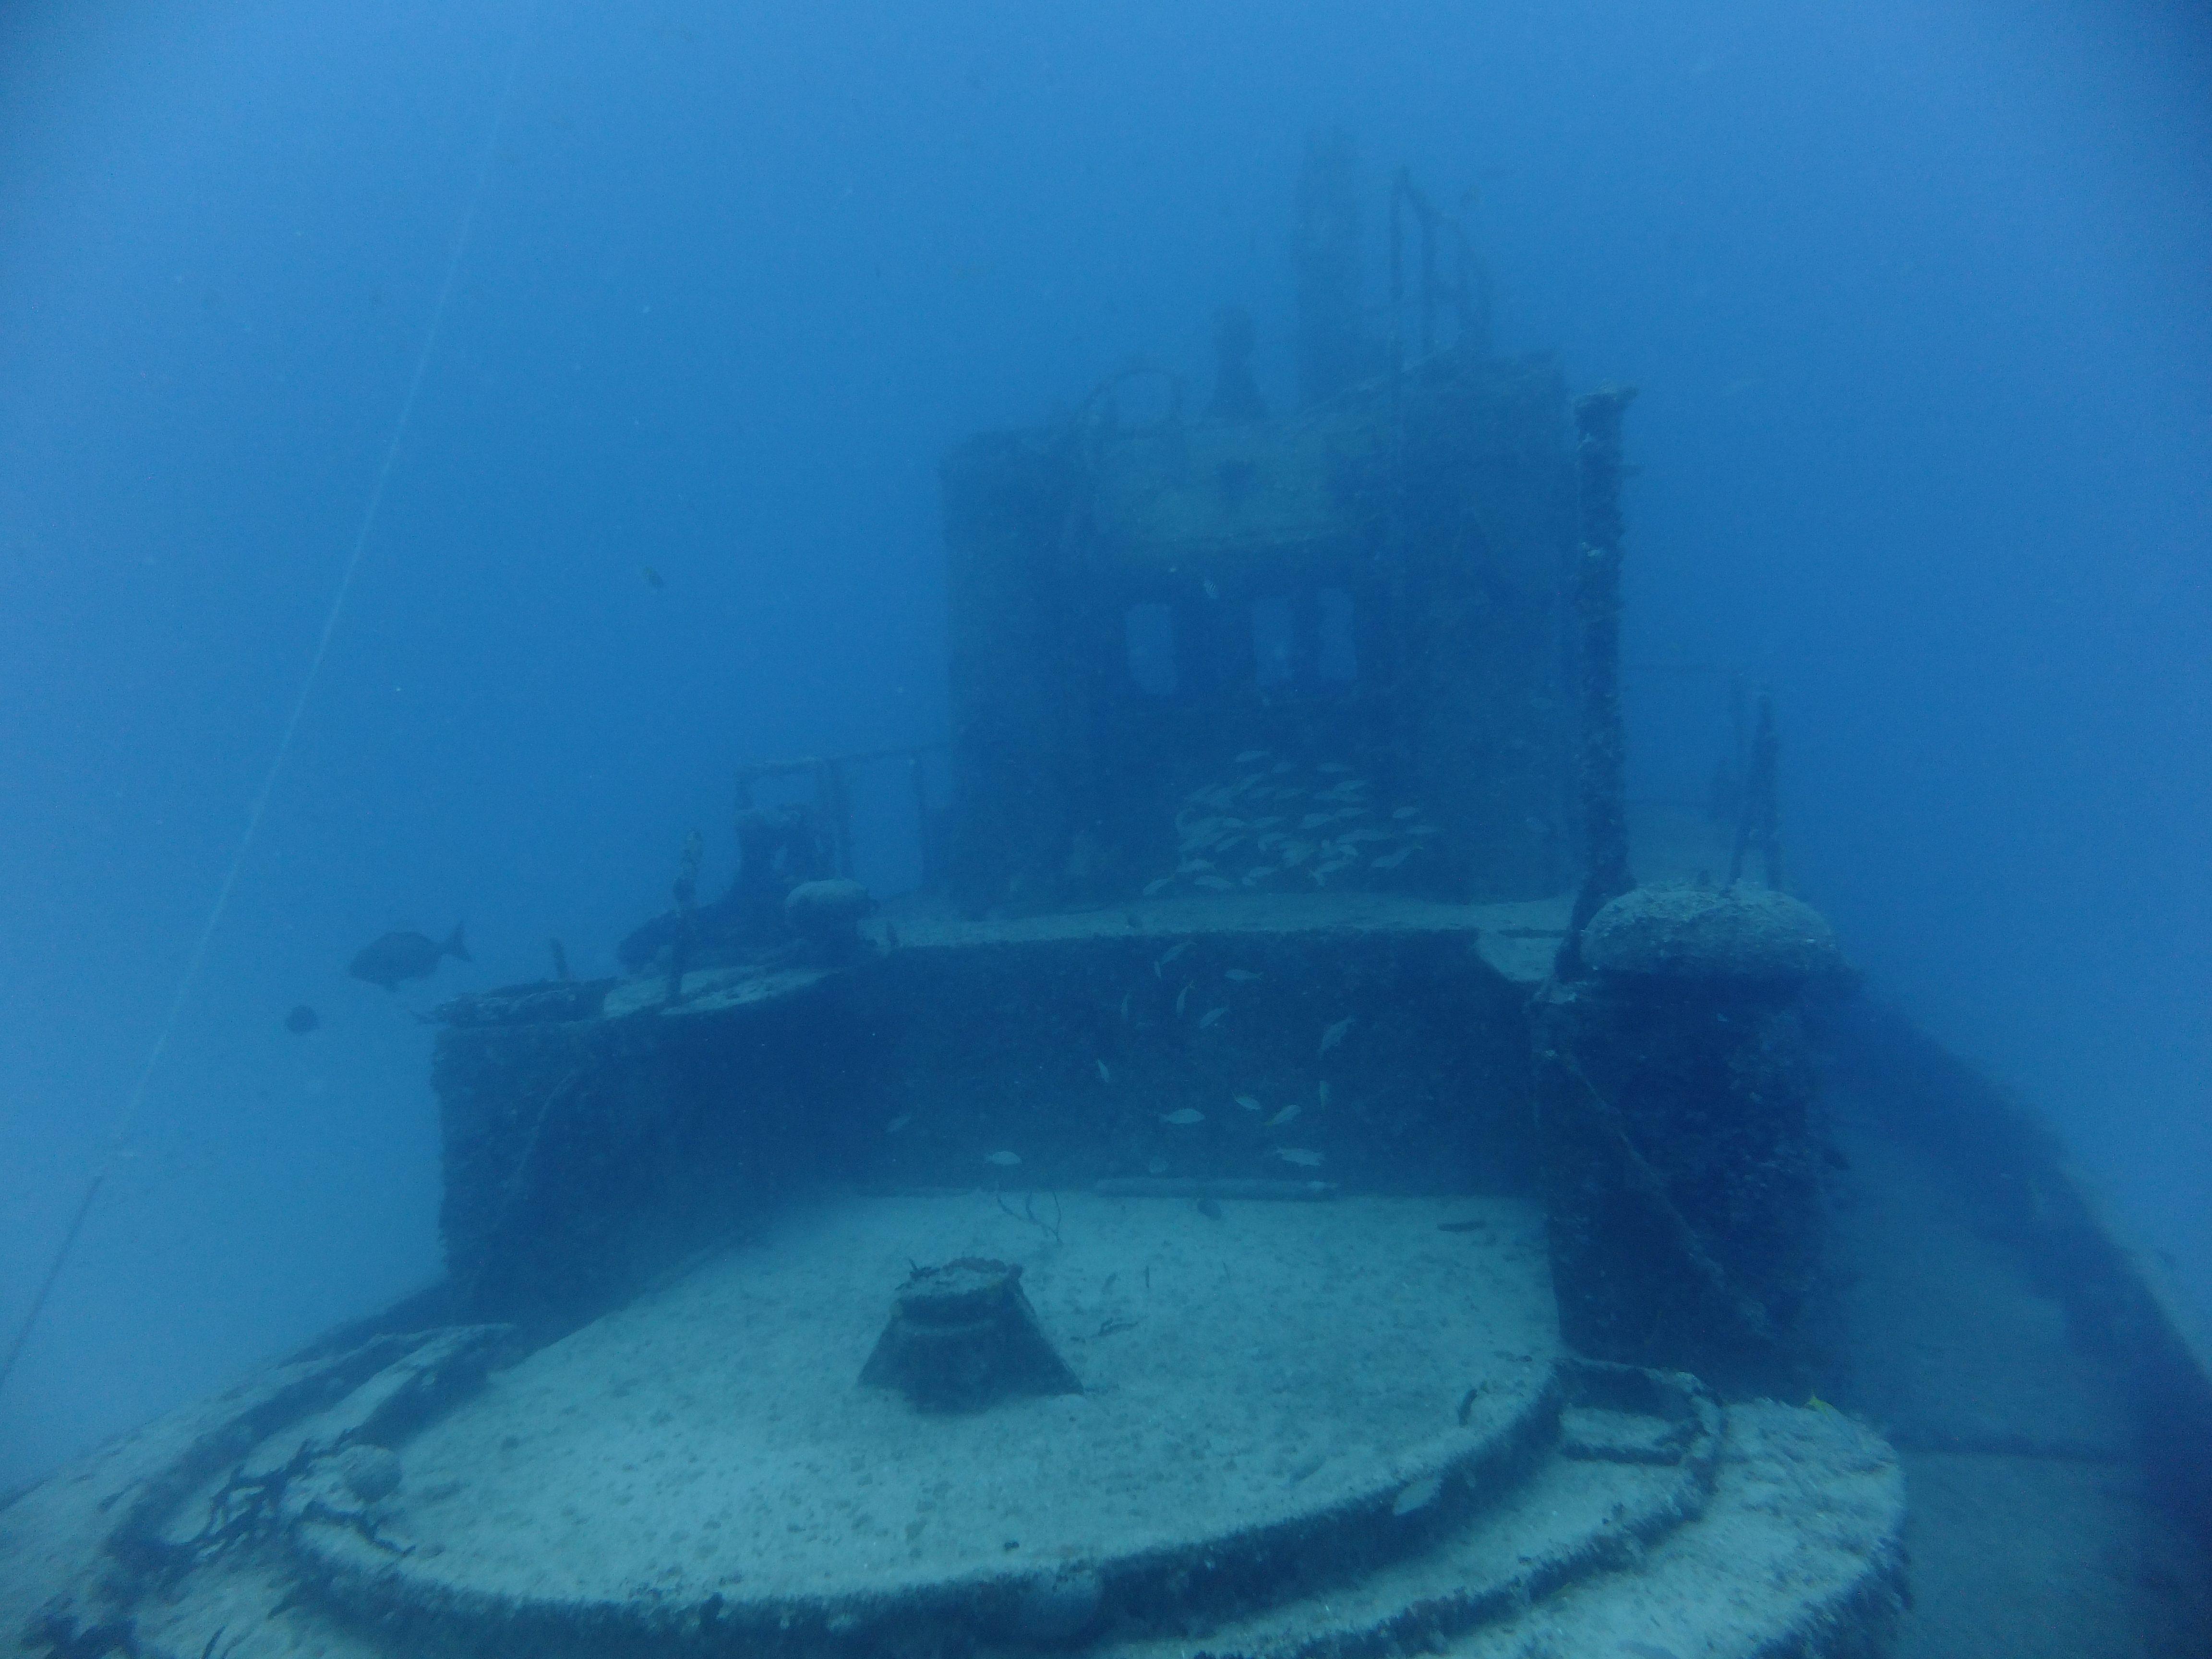 On a deck of a sunken ship